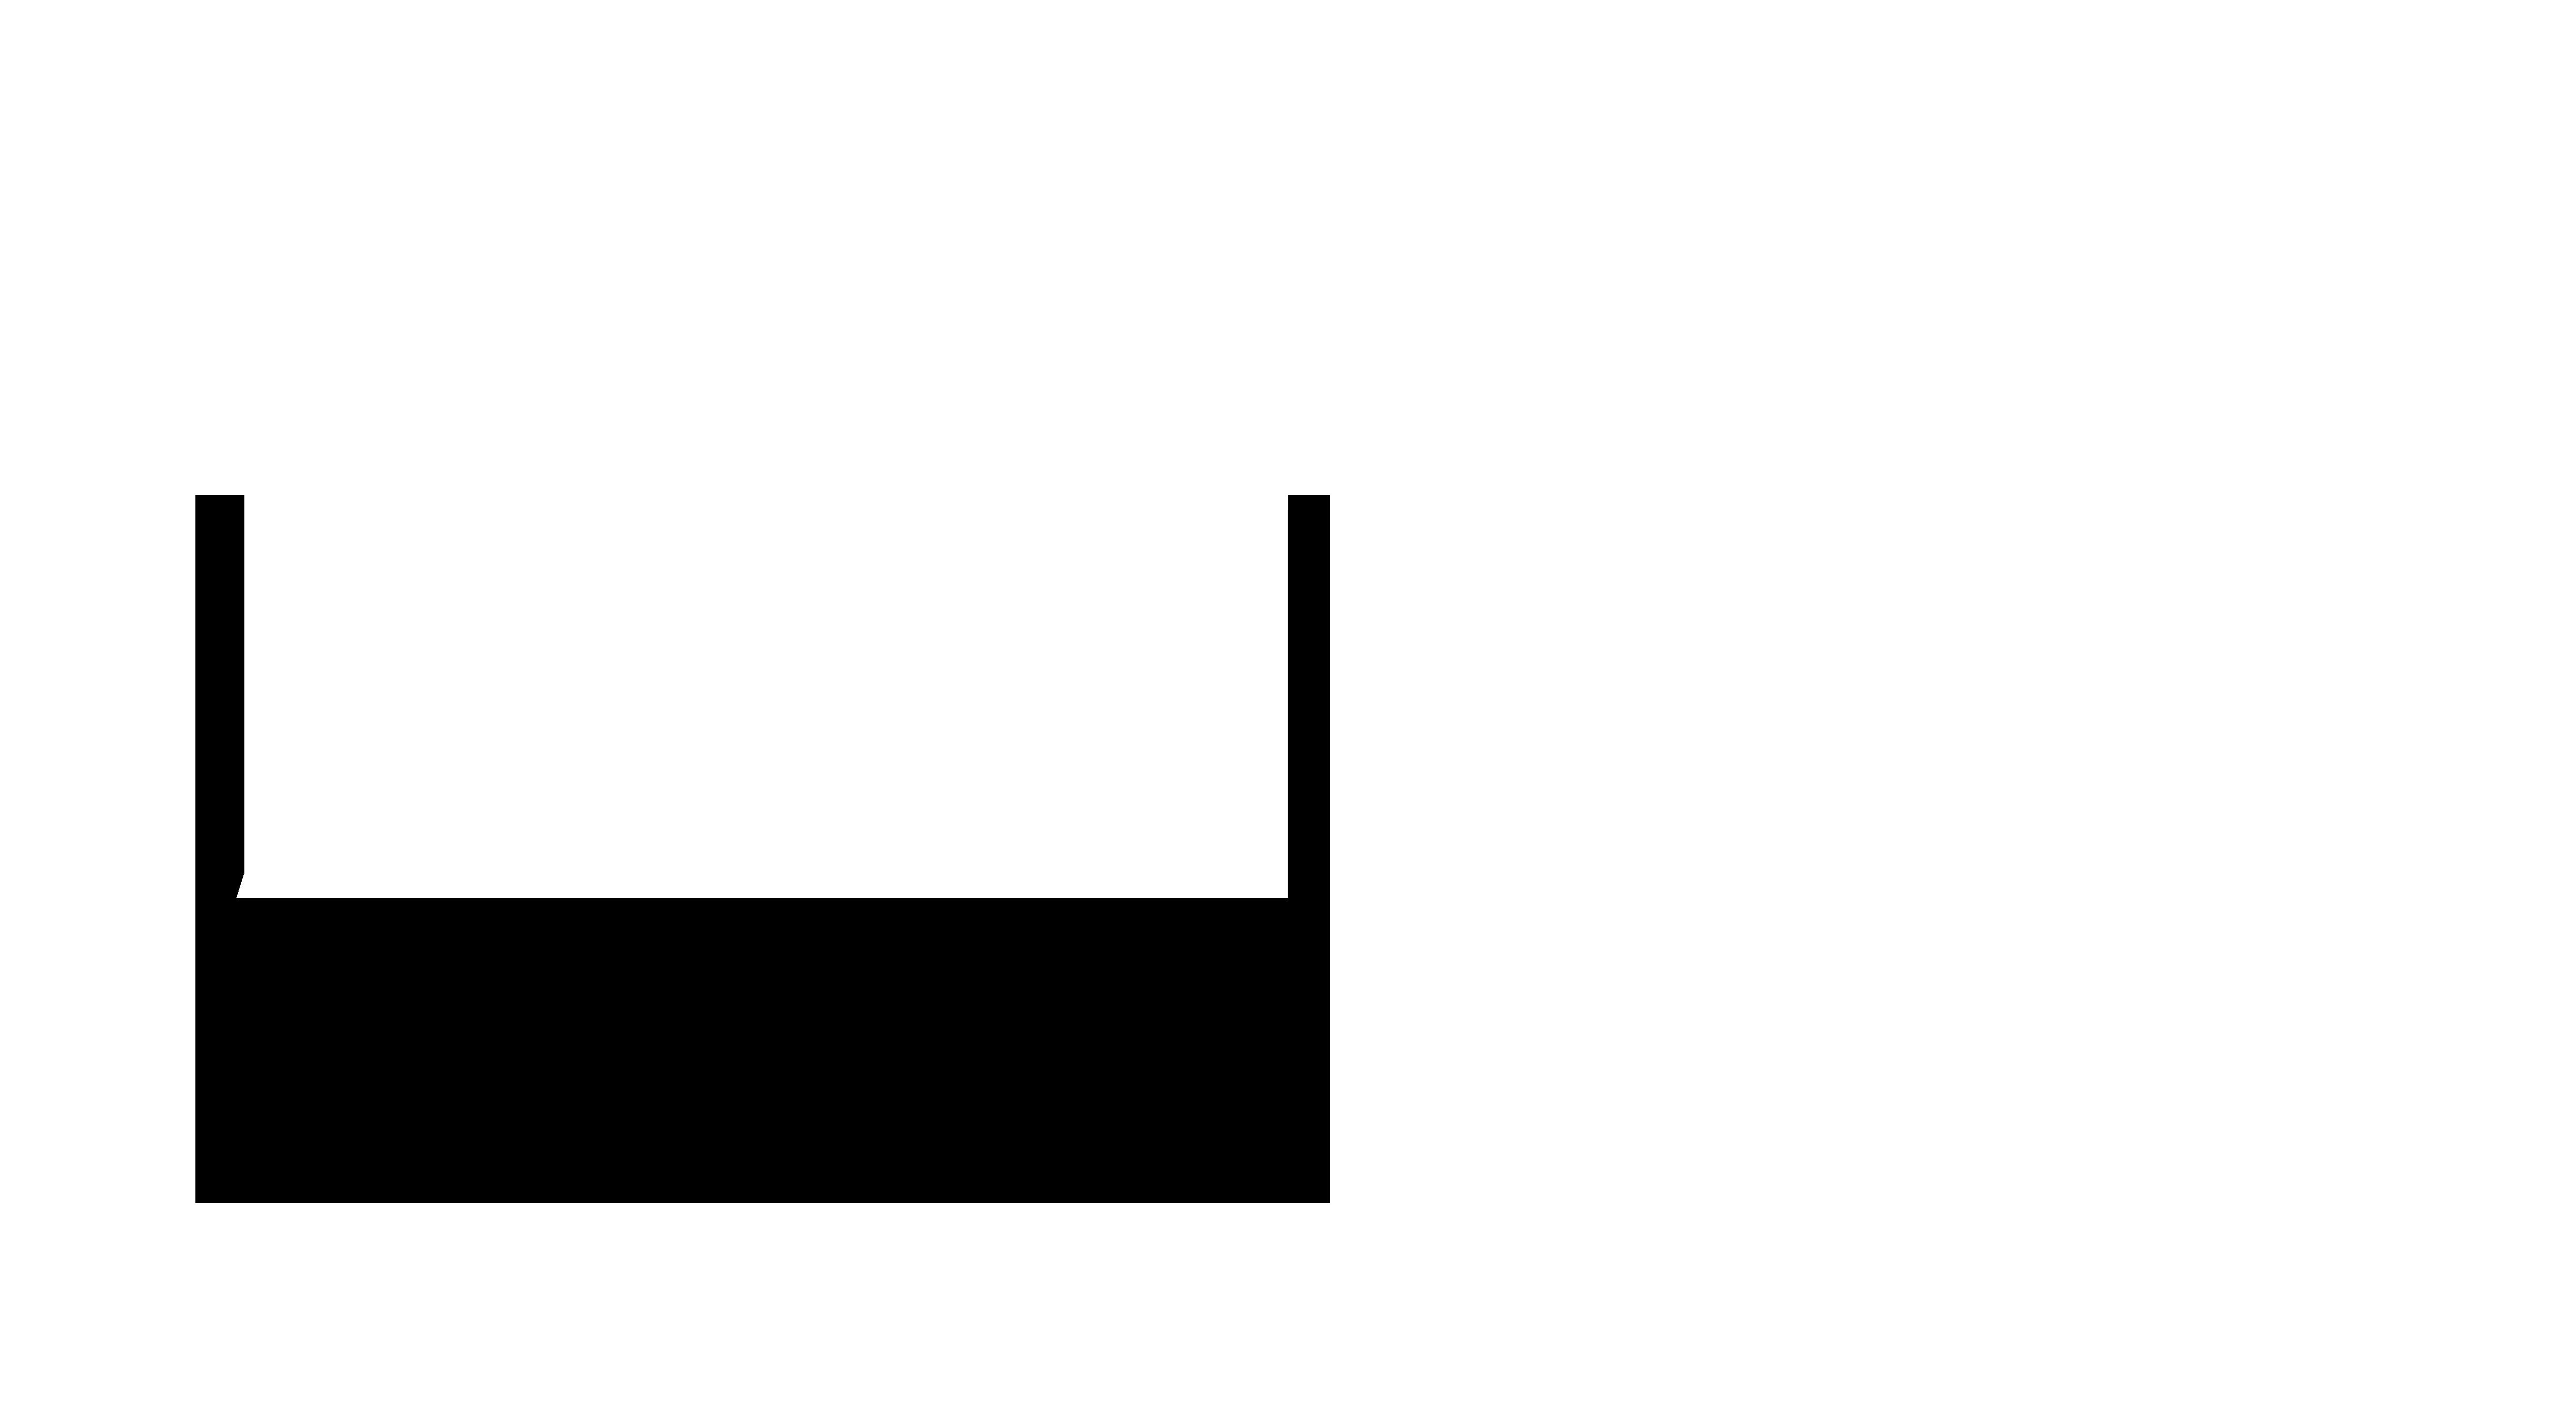 Elektronisches Preisschild A4 Schatten by DiCoSo